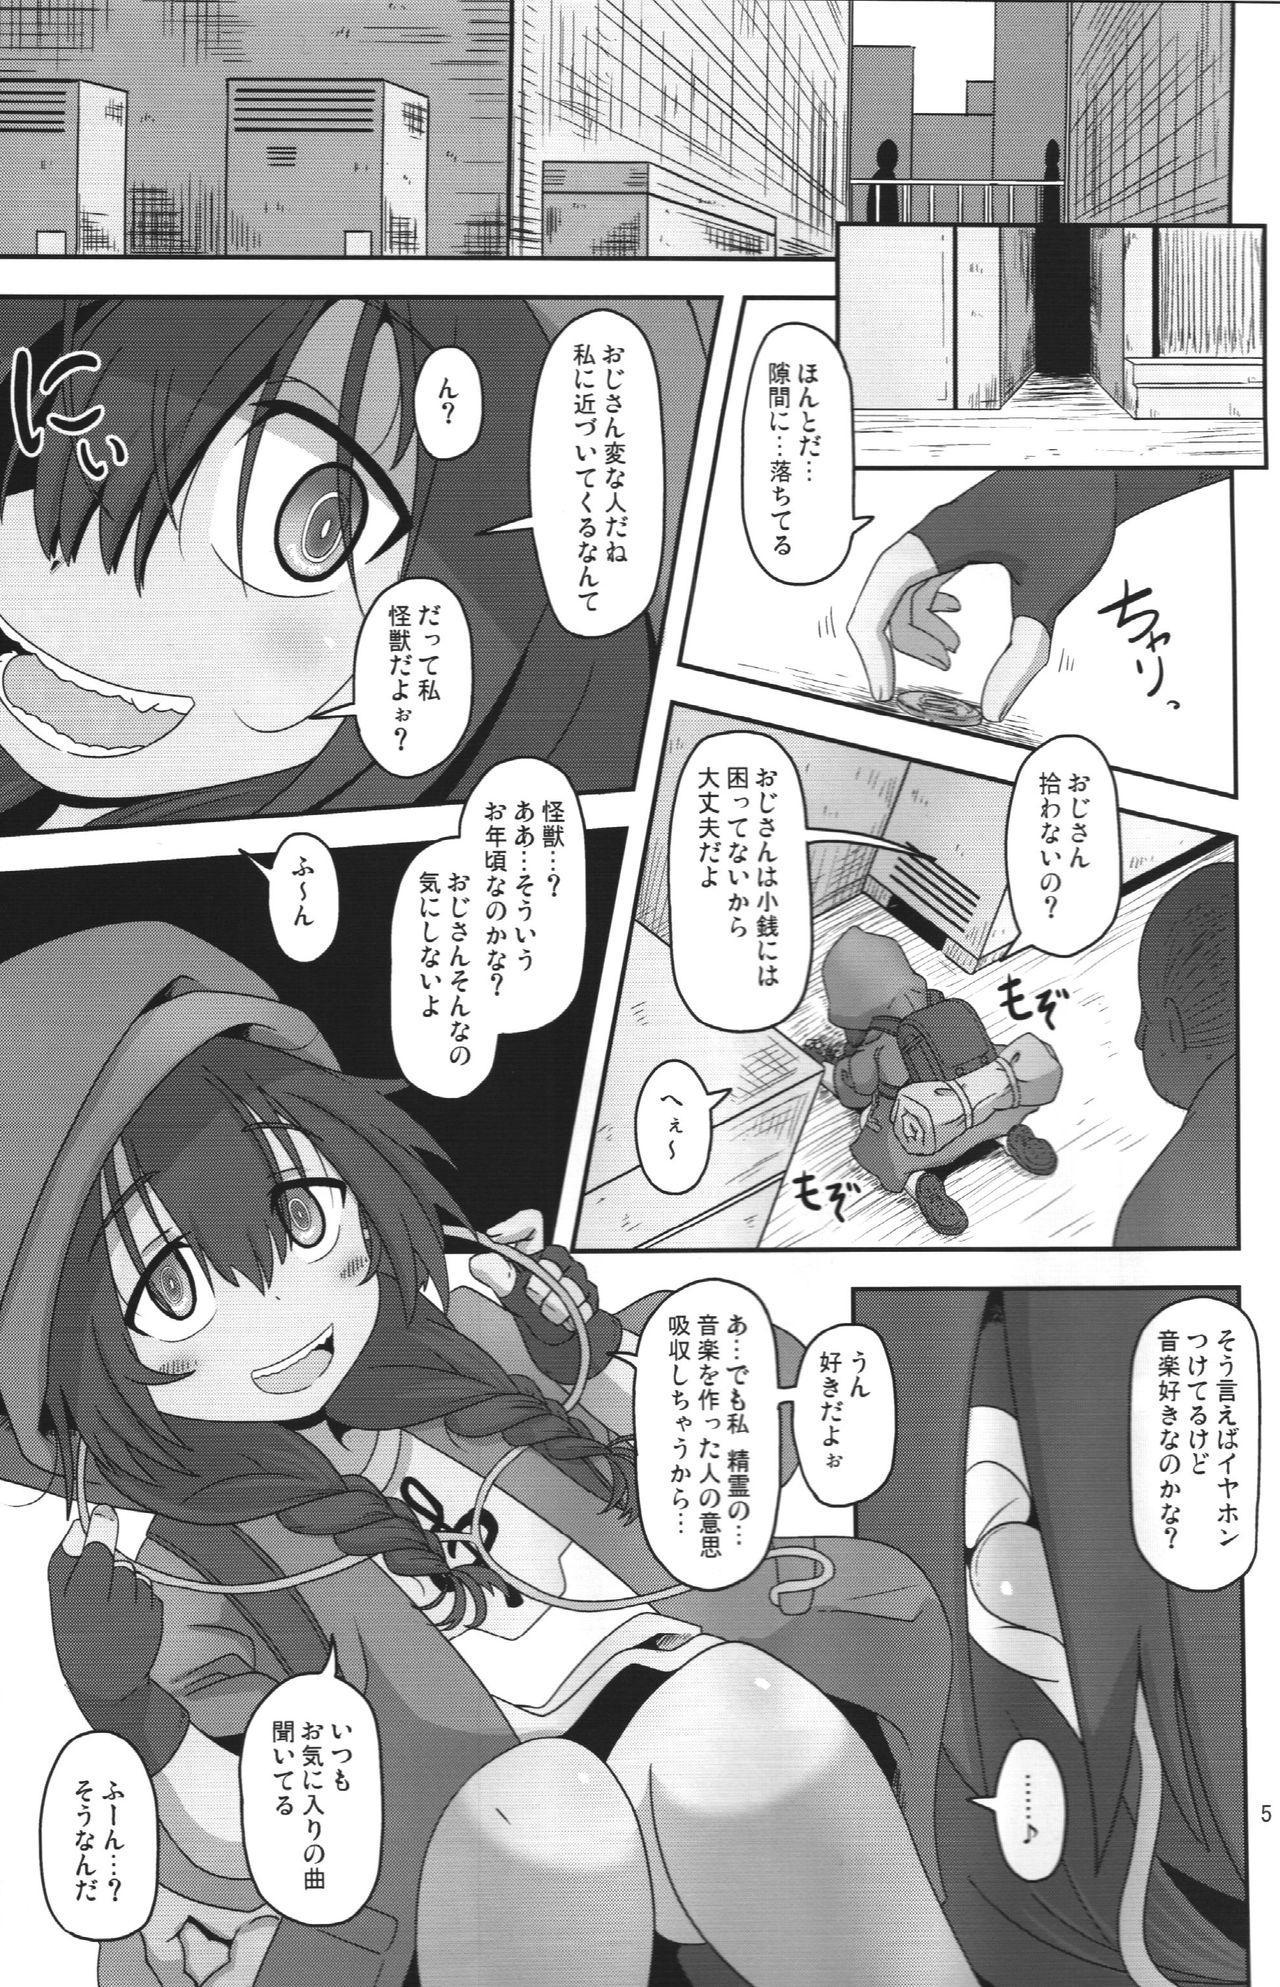 Bokura no Machi no Furou Shoujo 3